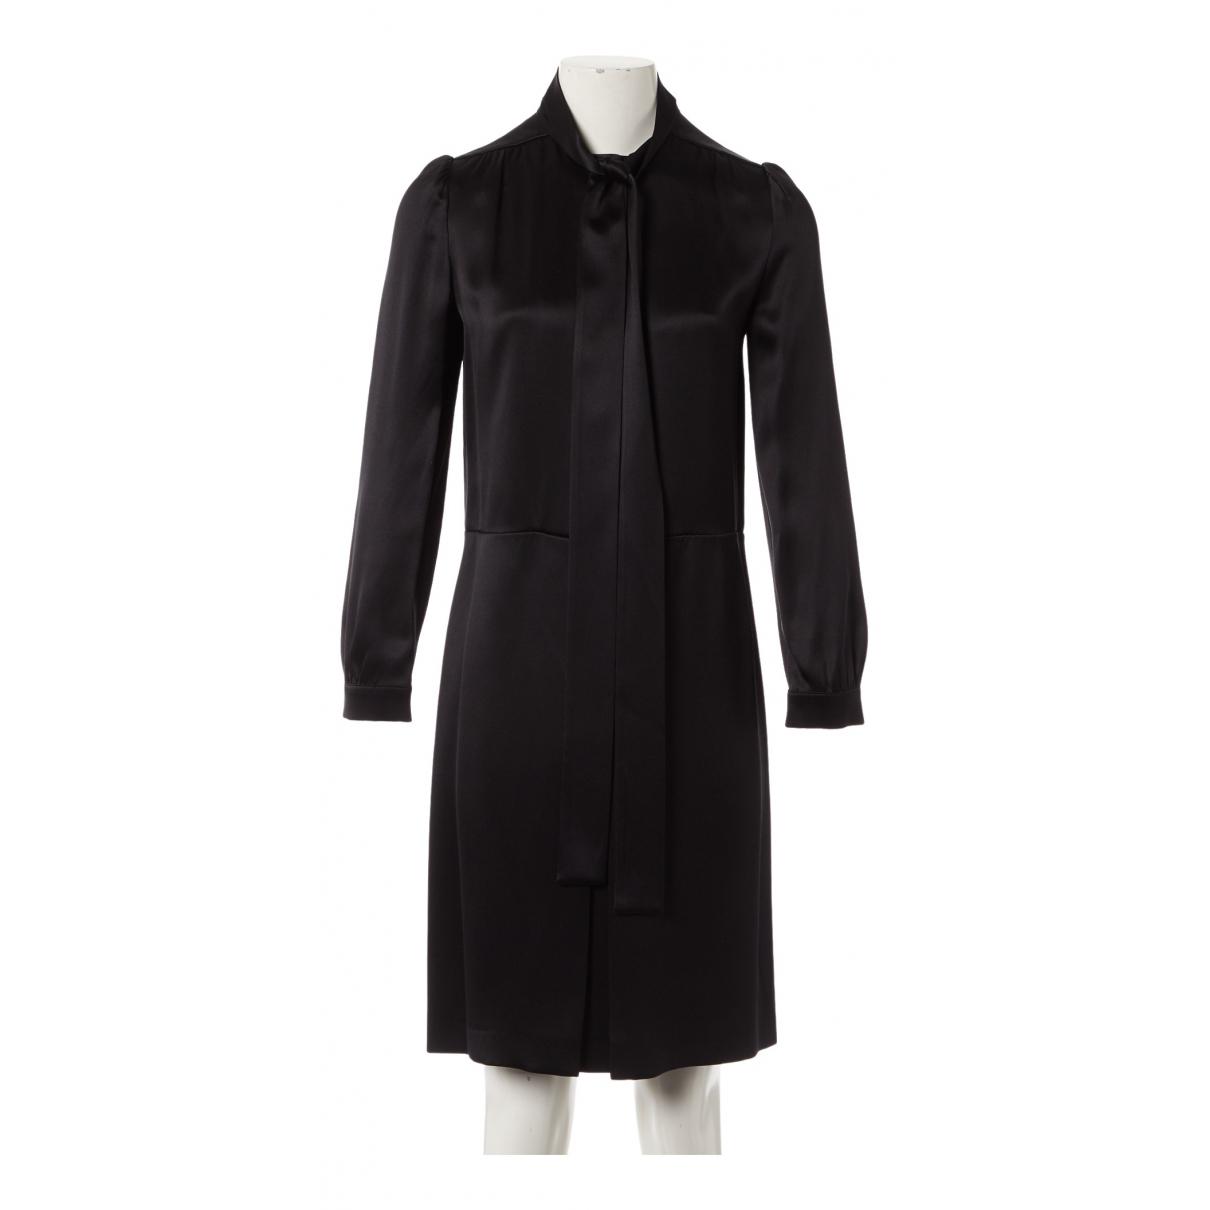 Prada N Black dress for Women 36 FR